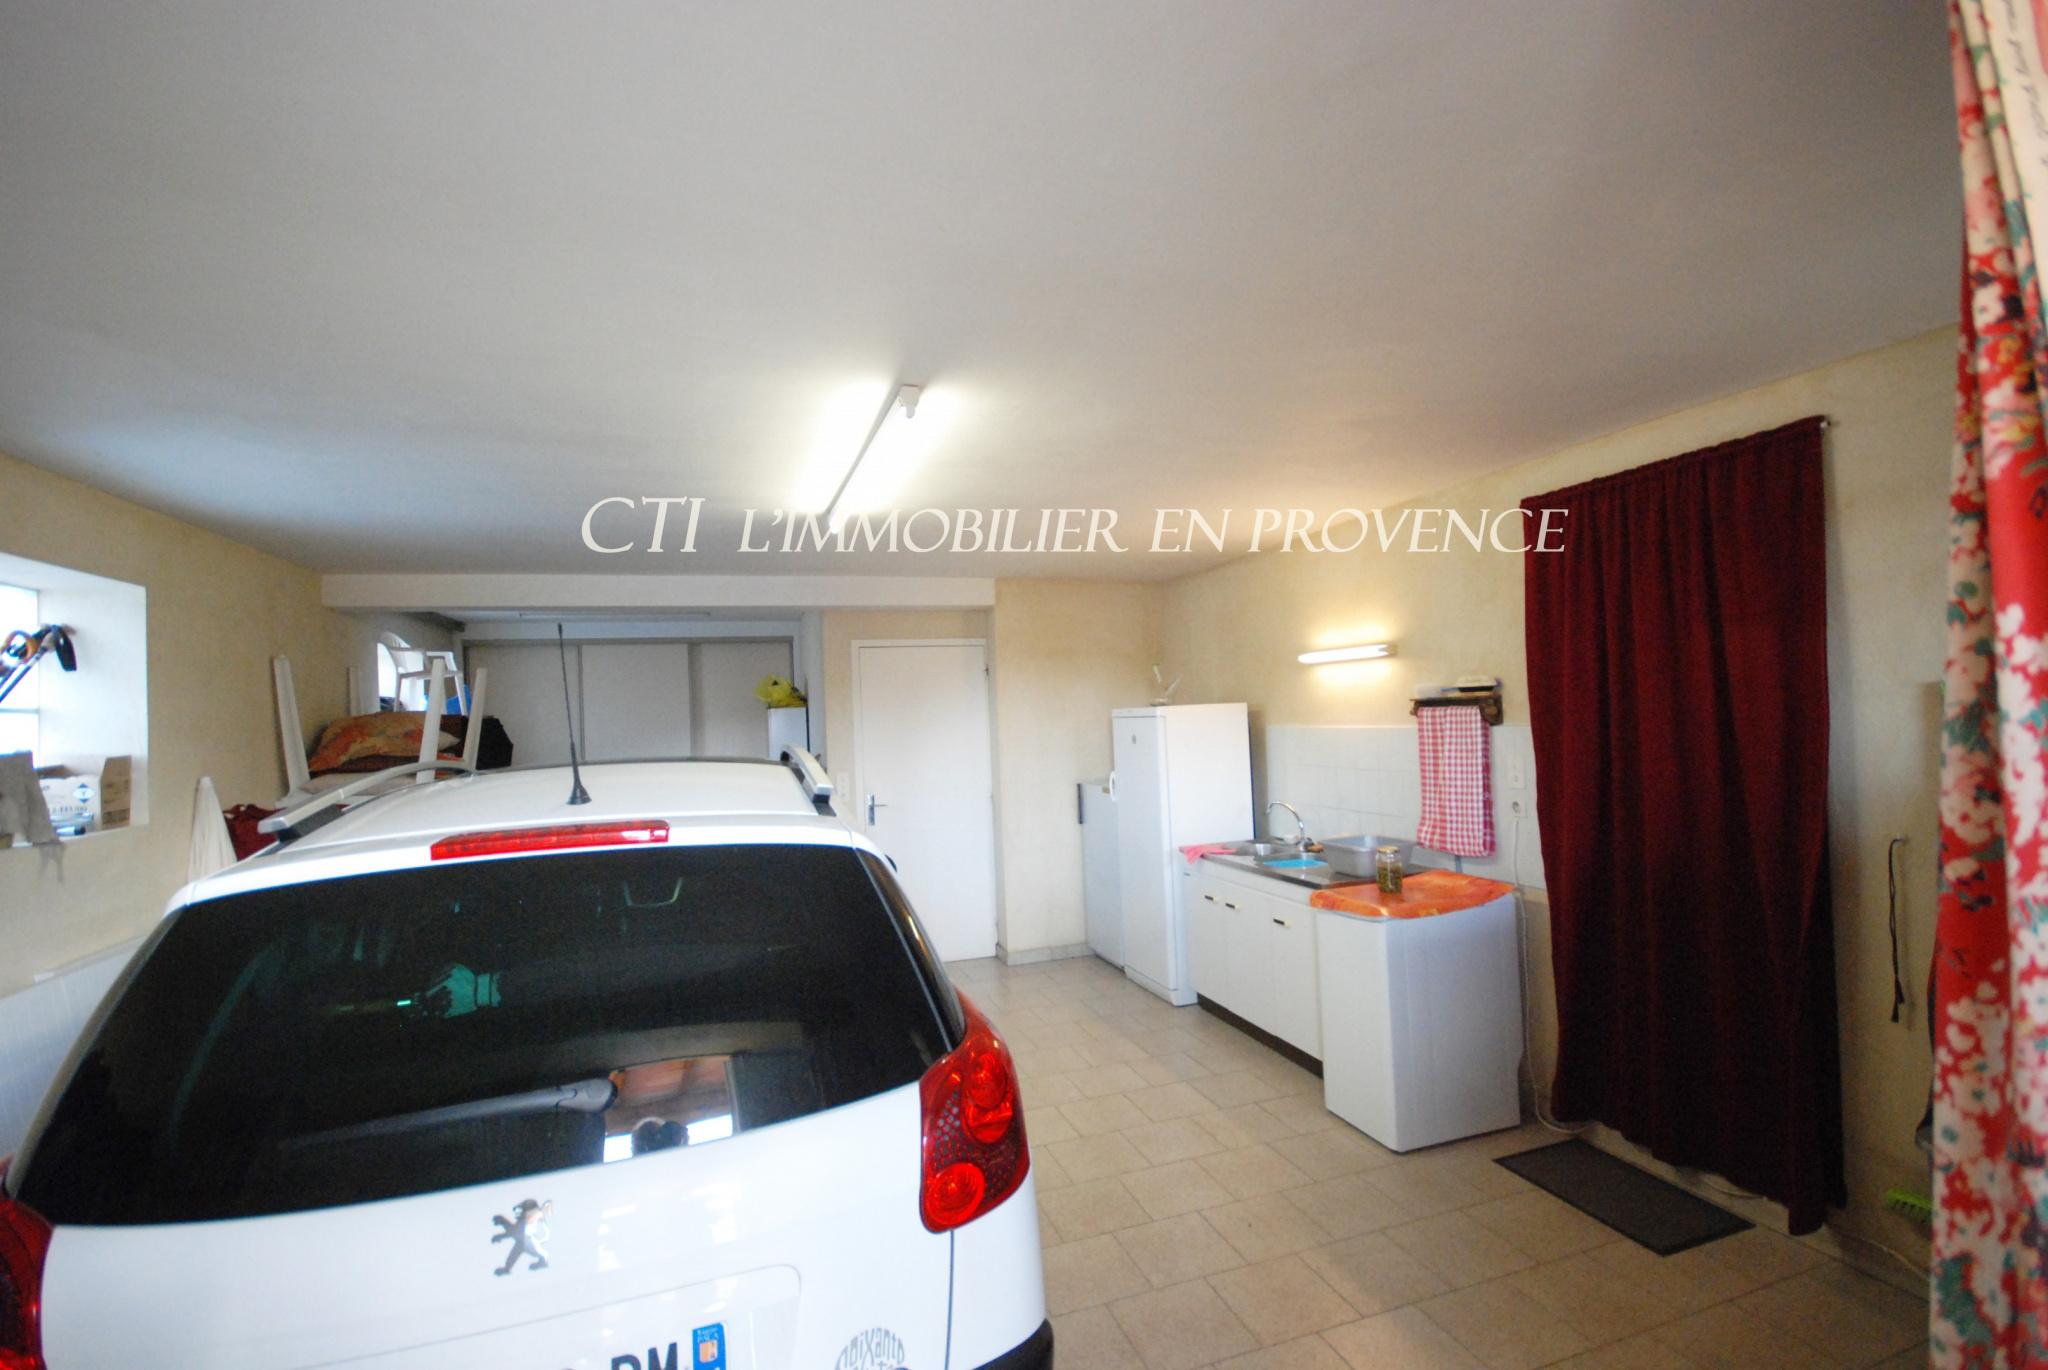 0 www.cti-provence.net, maison dominante proche centre-ville avec piscine, belles prestations